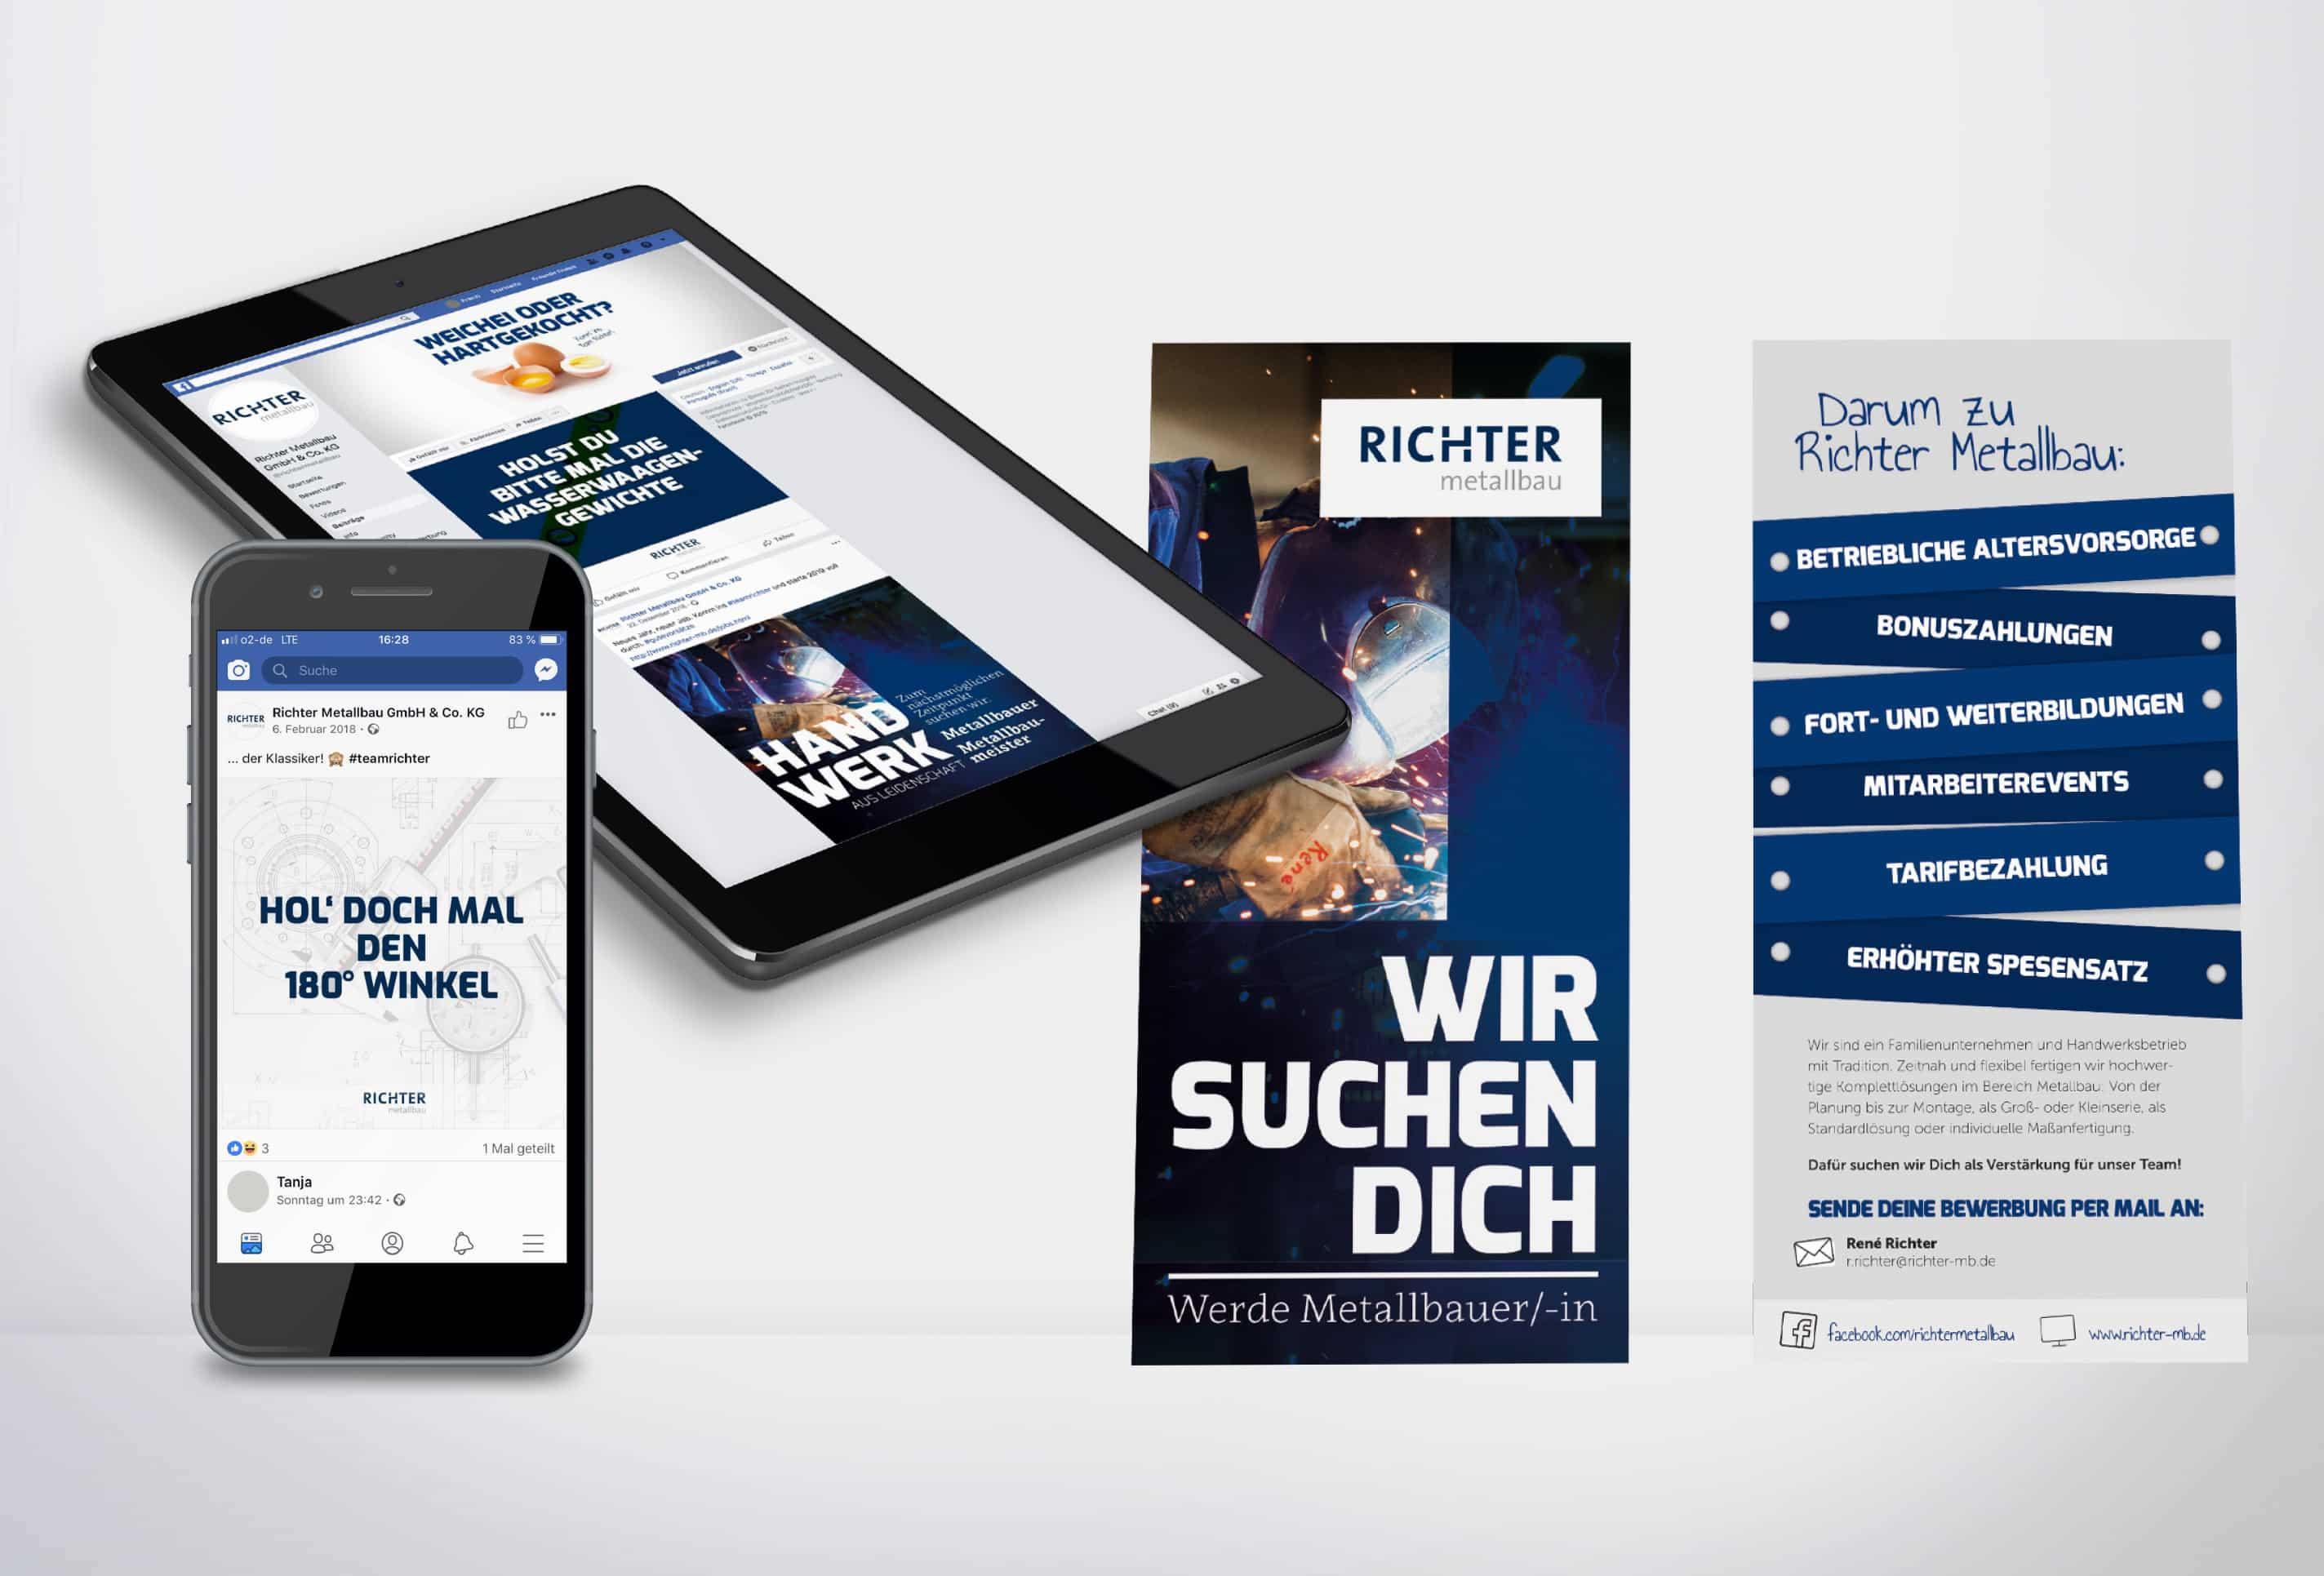 Personalmarketing Richter Metallbau gestaltet von team4media - Ihre Werbeagentur aus Osnabrück